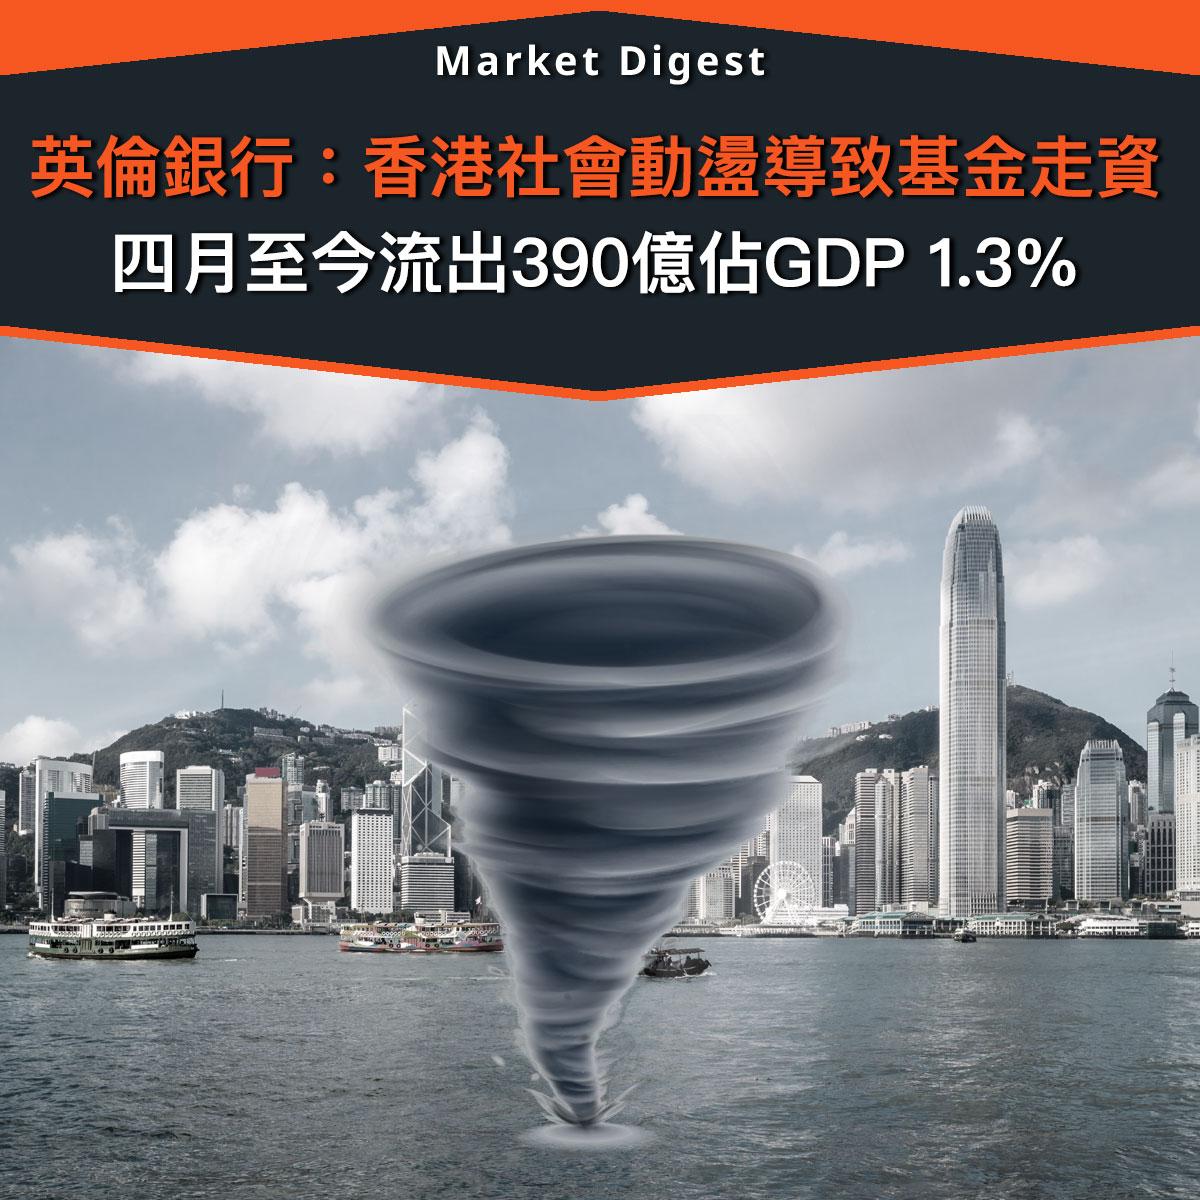 【市場熱話】香港社會動盪導致基金走資,四月至今流出390億佔GDP 1.25%